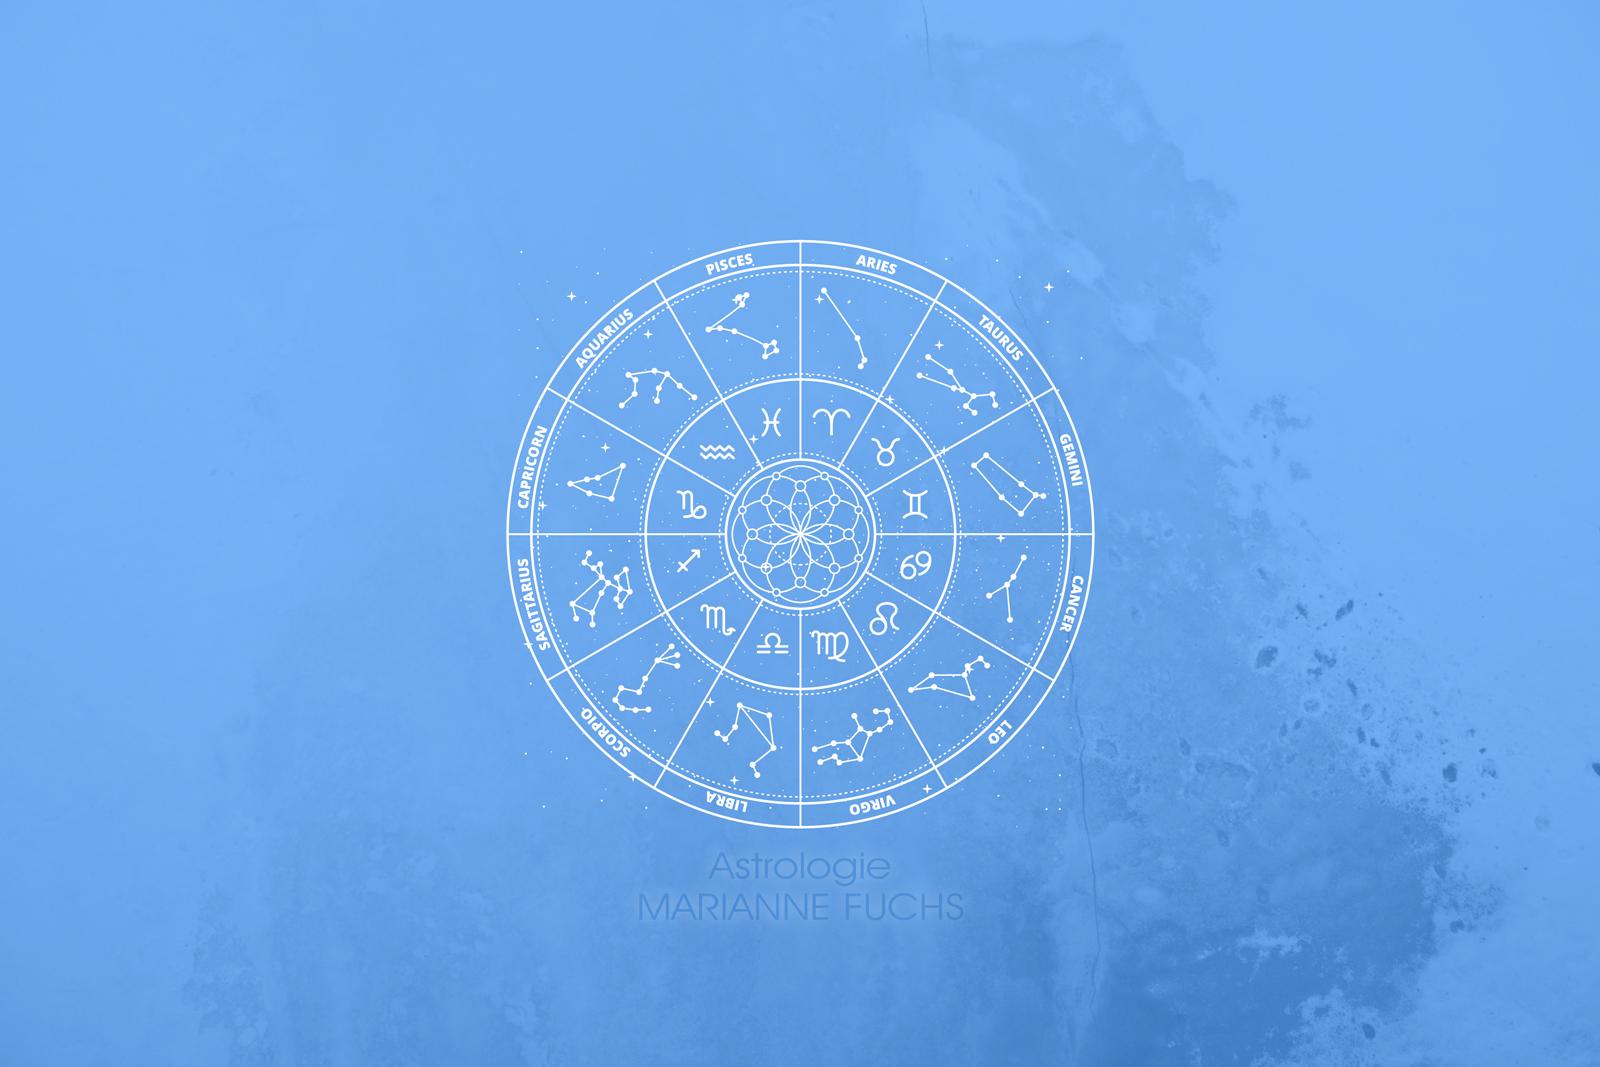 Datenschutz Marianne Fuchs Astrologie Karma